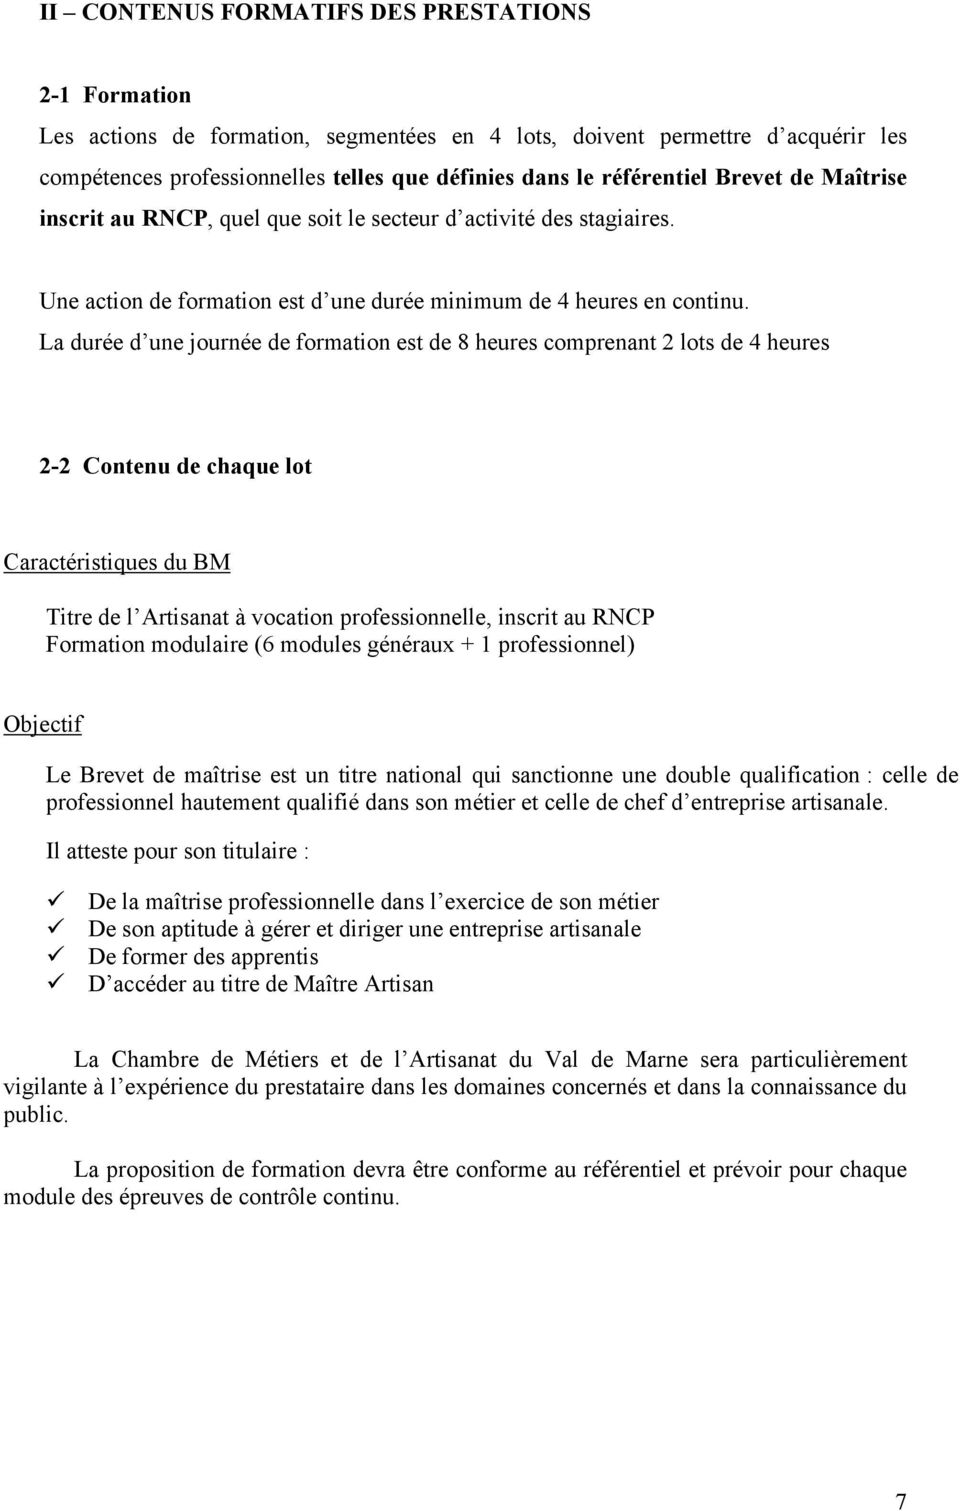 MARCHE PUBLIC DOSSIER DE CONSULTATION DES ENTREPRISES - PDF ...